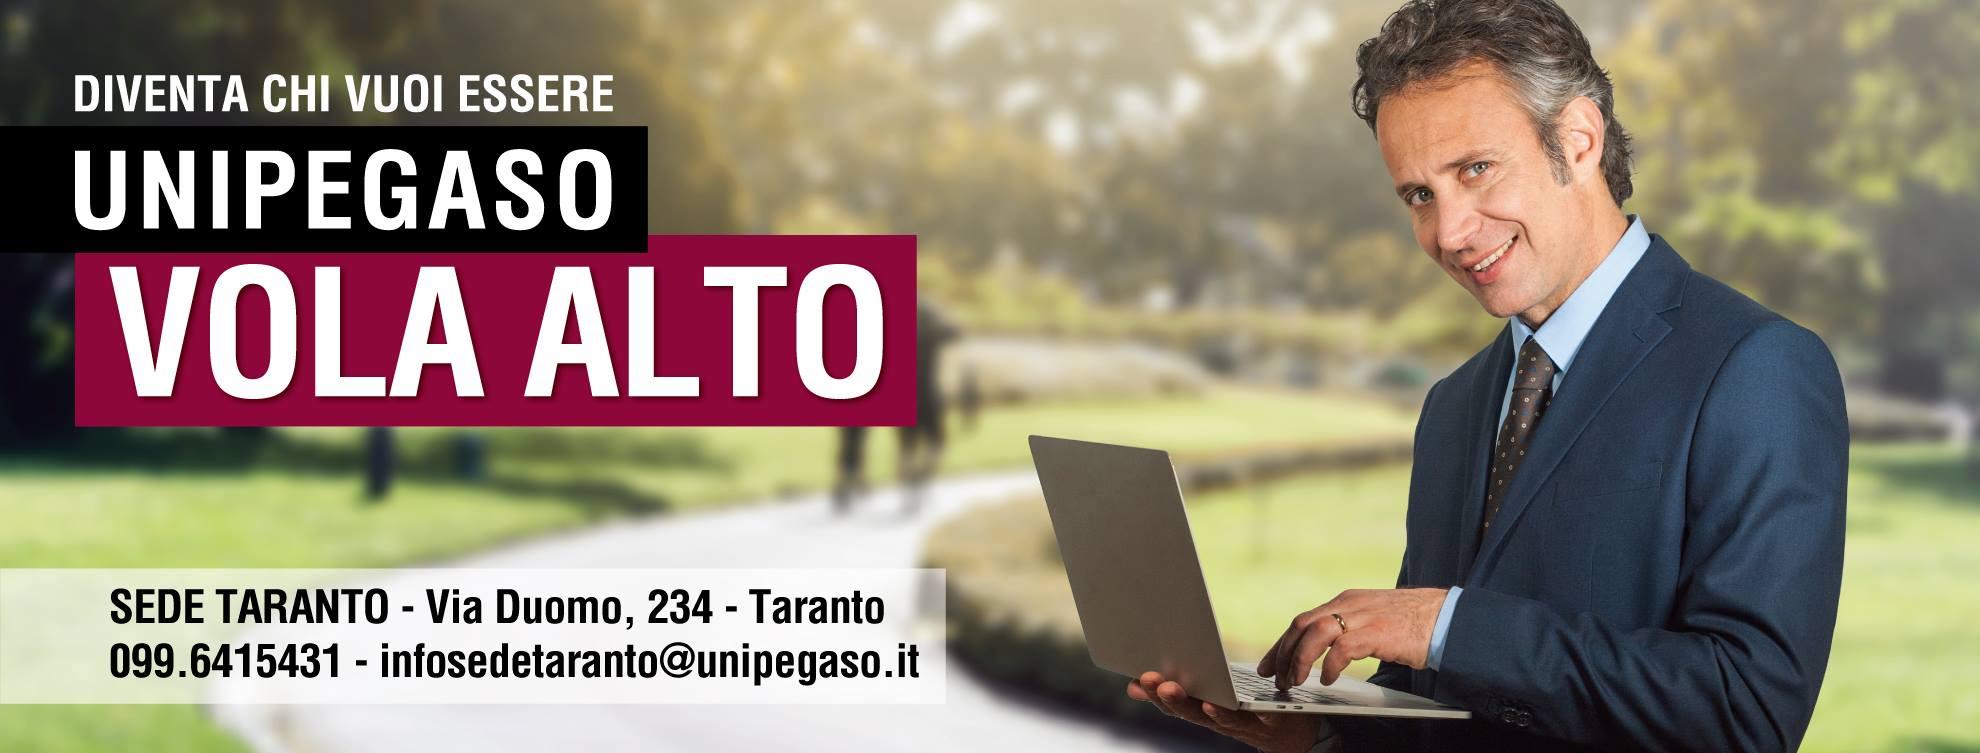 Corsi di Laurea online Pegaso, Università telematica sede di Taranto